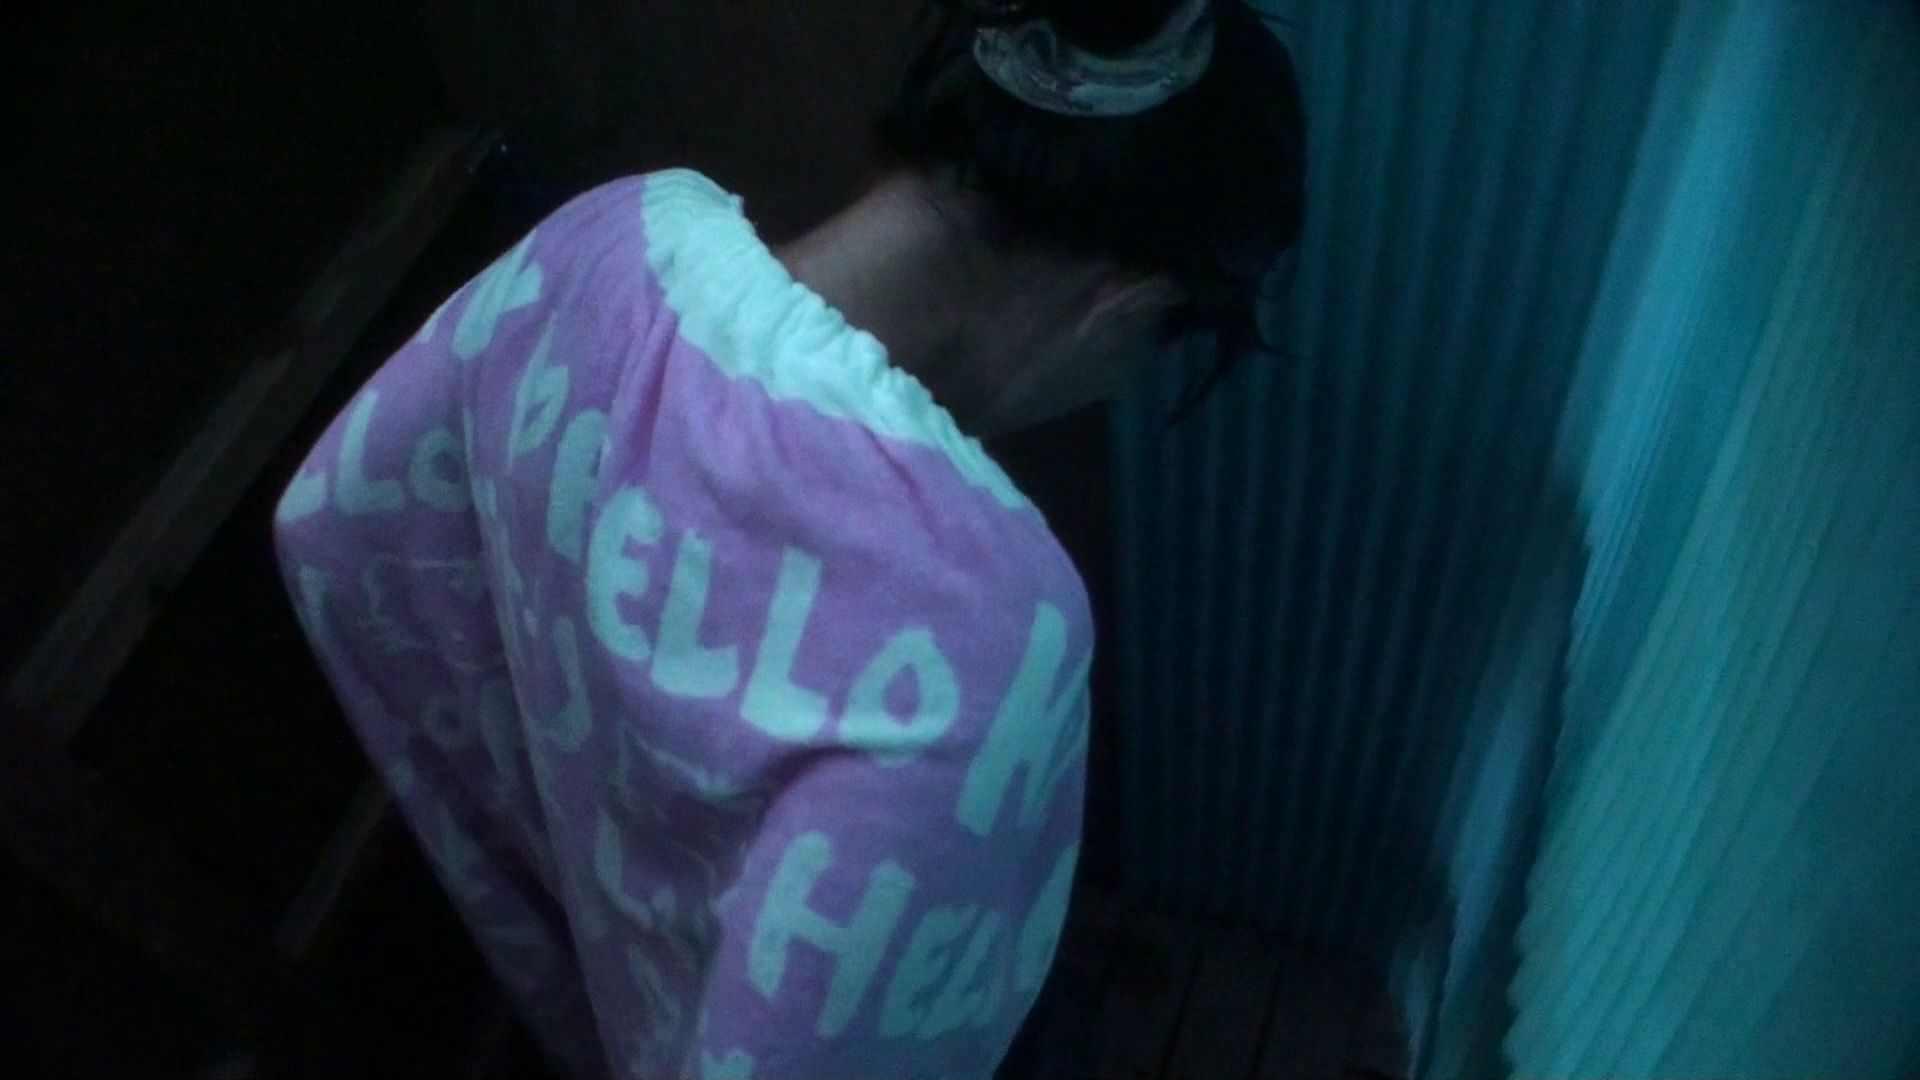 シャワールームは超!!危険な香りVol.26 大学生風美形ギャル 暗さが残念! シャワー すけべAV動画紹介 103PIX 51